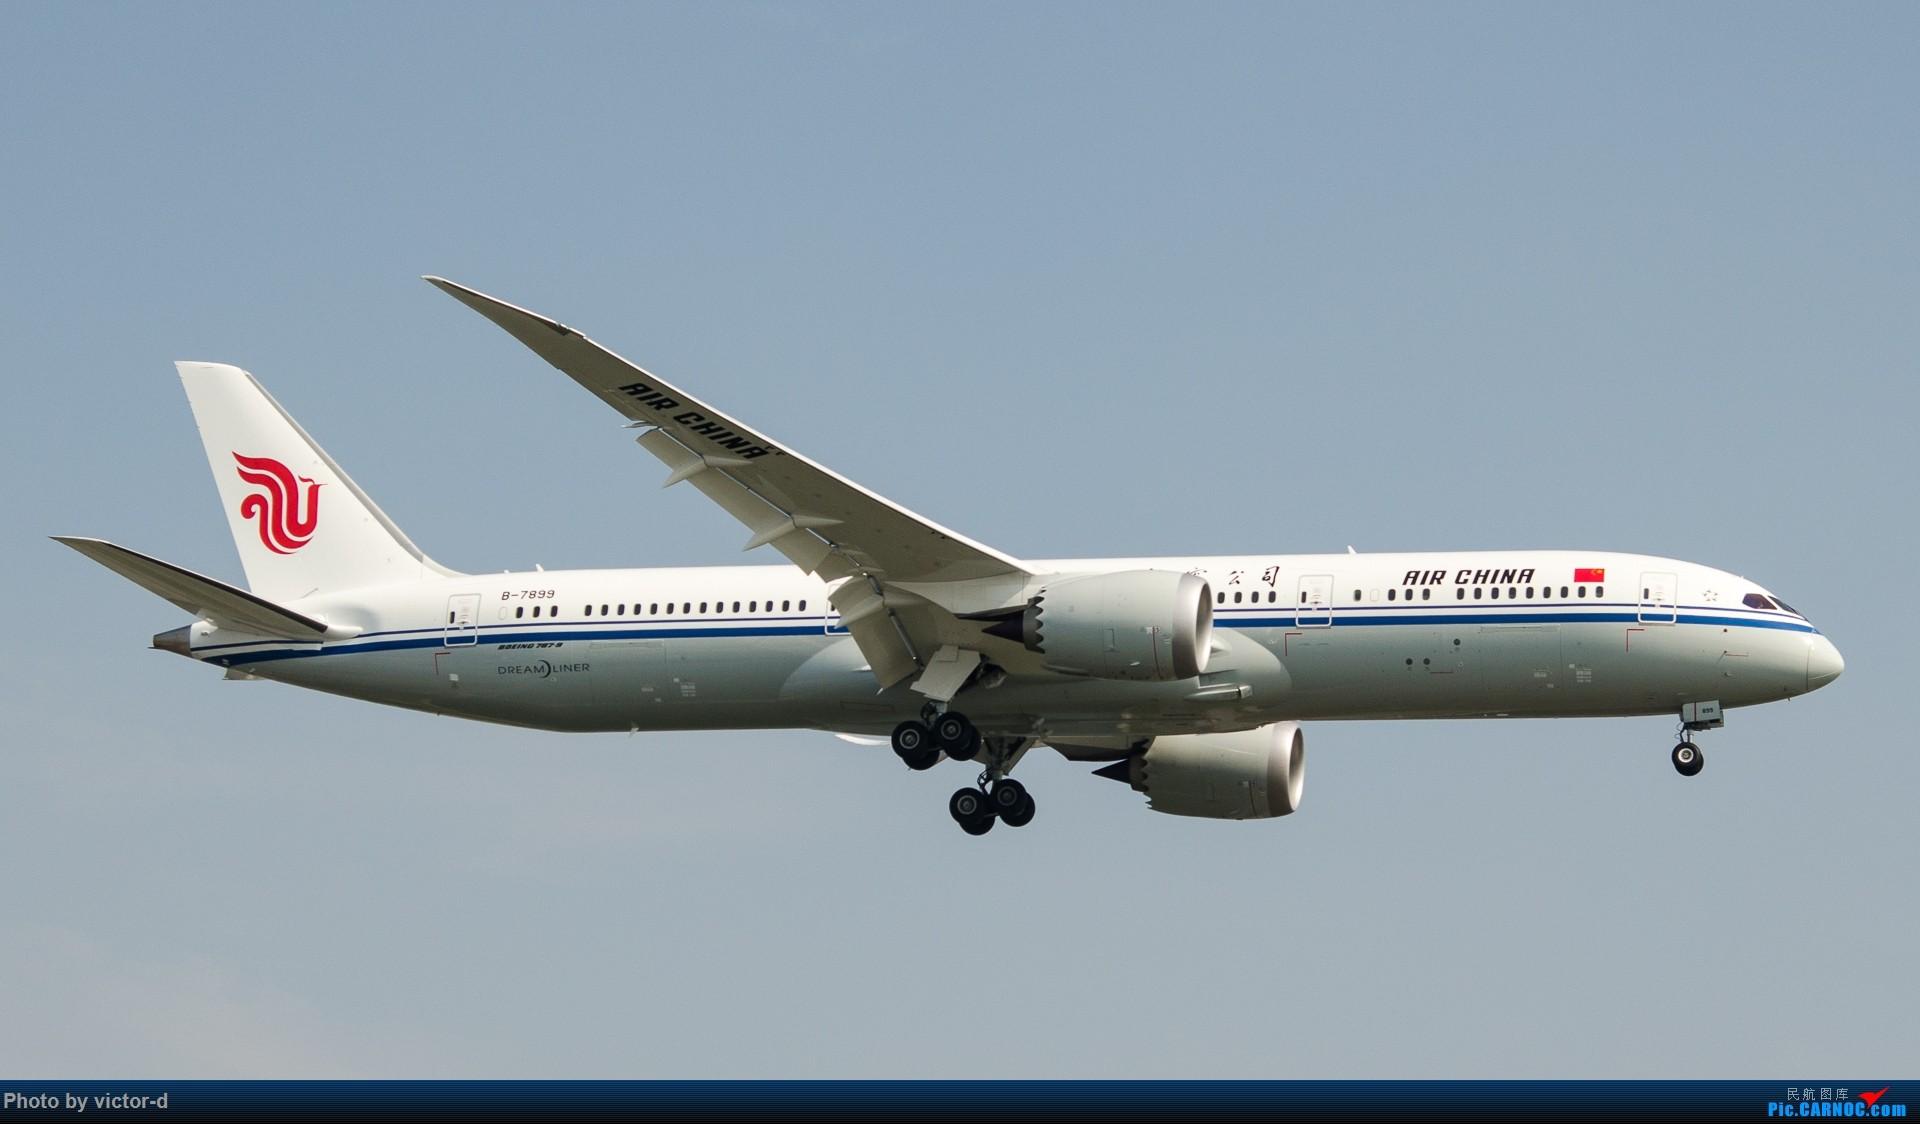 Re:[原创]【上海】拍机记录帖-记录这些年拍到的飞机 BOEING 787-9 B-7899 中国上海虹桥国际机场